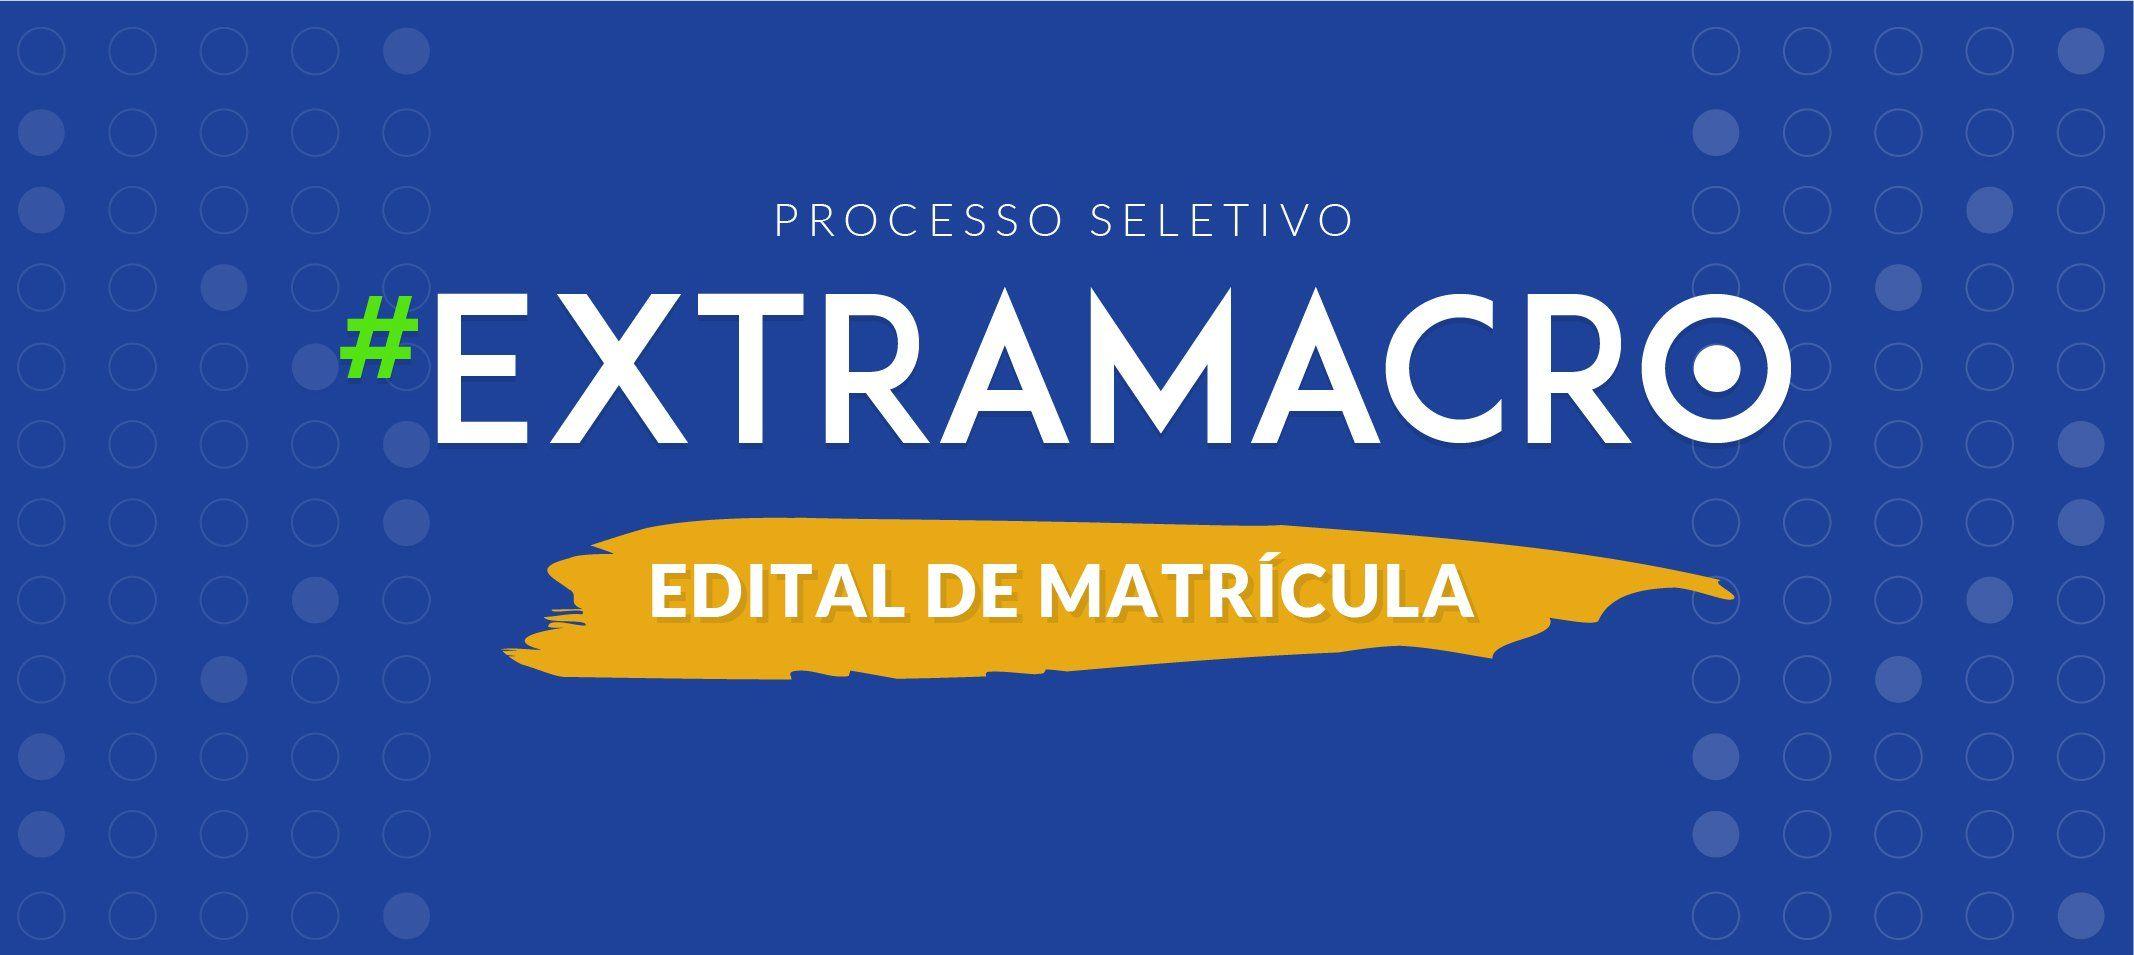 Proeg divulga edital de matrícula dos classificados no Processo Seletivo Extramacro